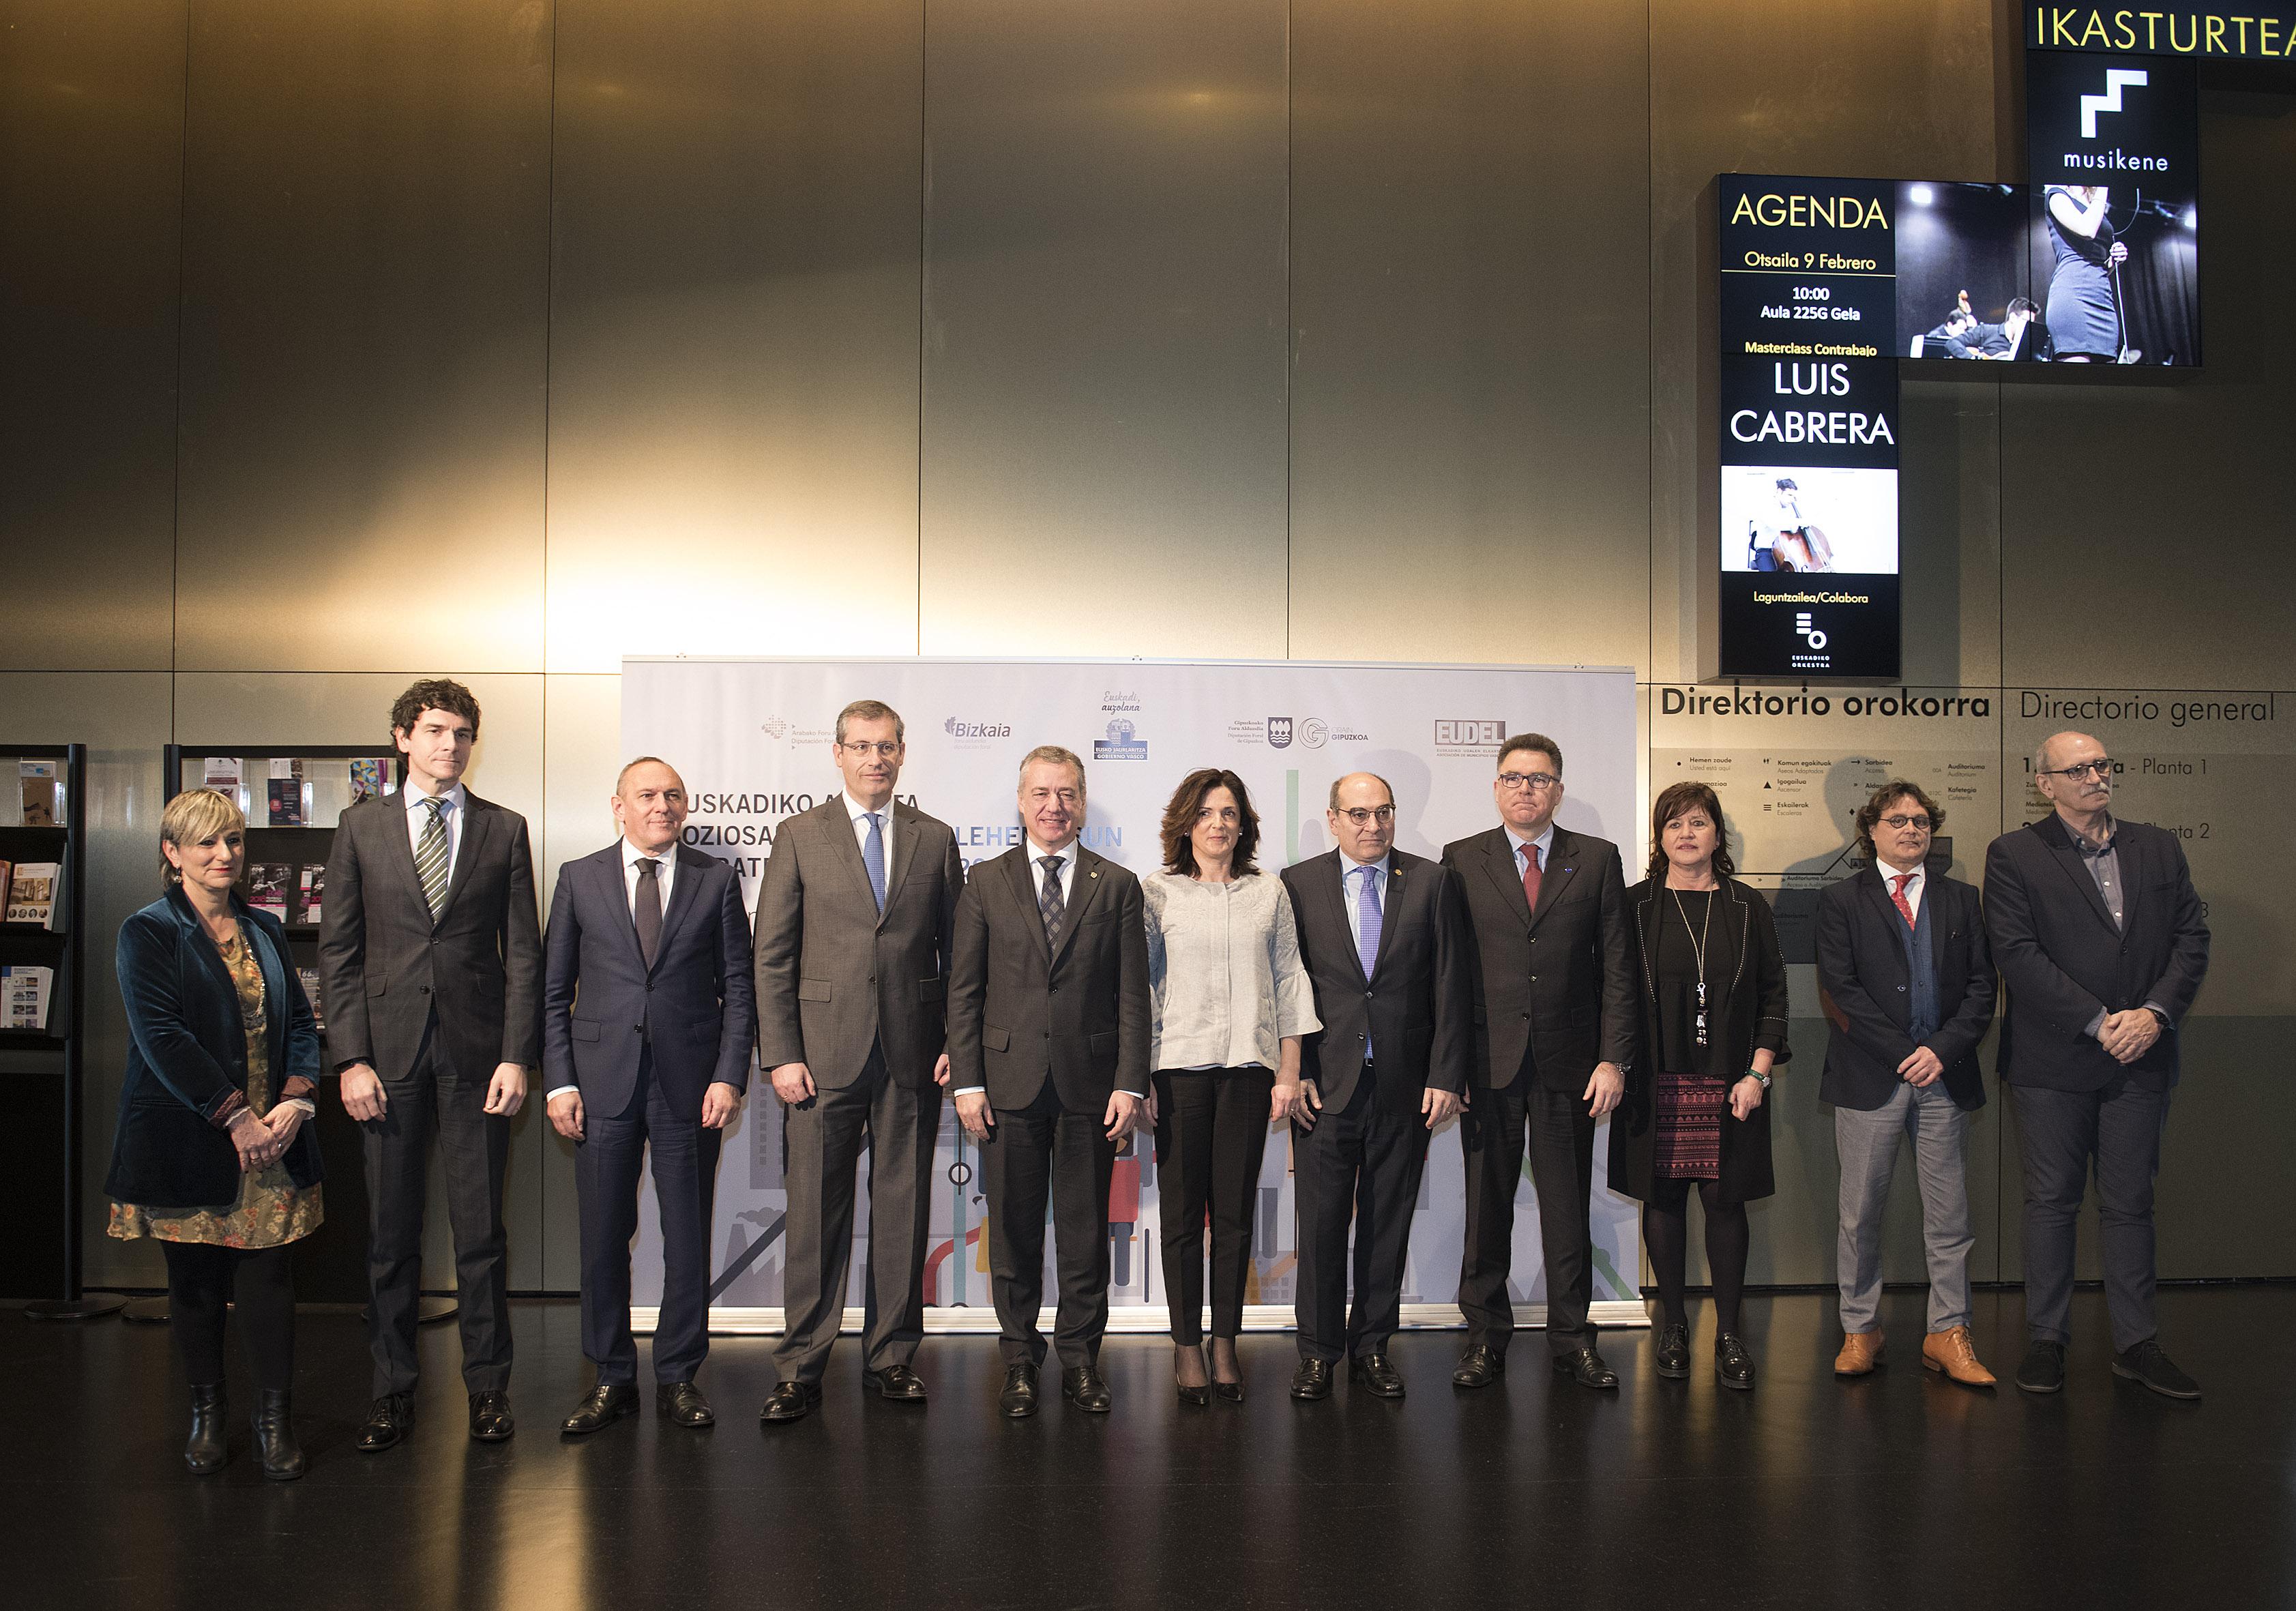 Lehendakariak berretsi egin du euskal erakundeek Euskadin kalitateko arreta soziosanitarioa izateko egiten duten apustua, erronka demografikoei aurre eginez